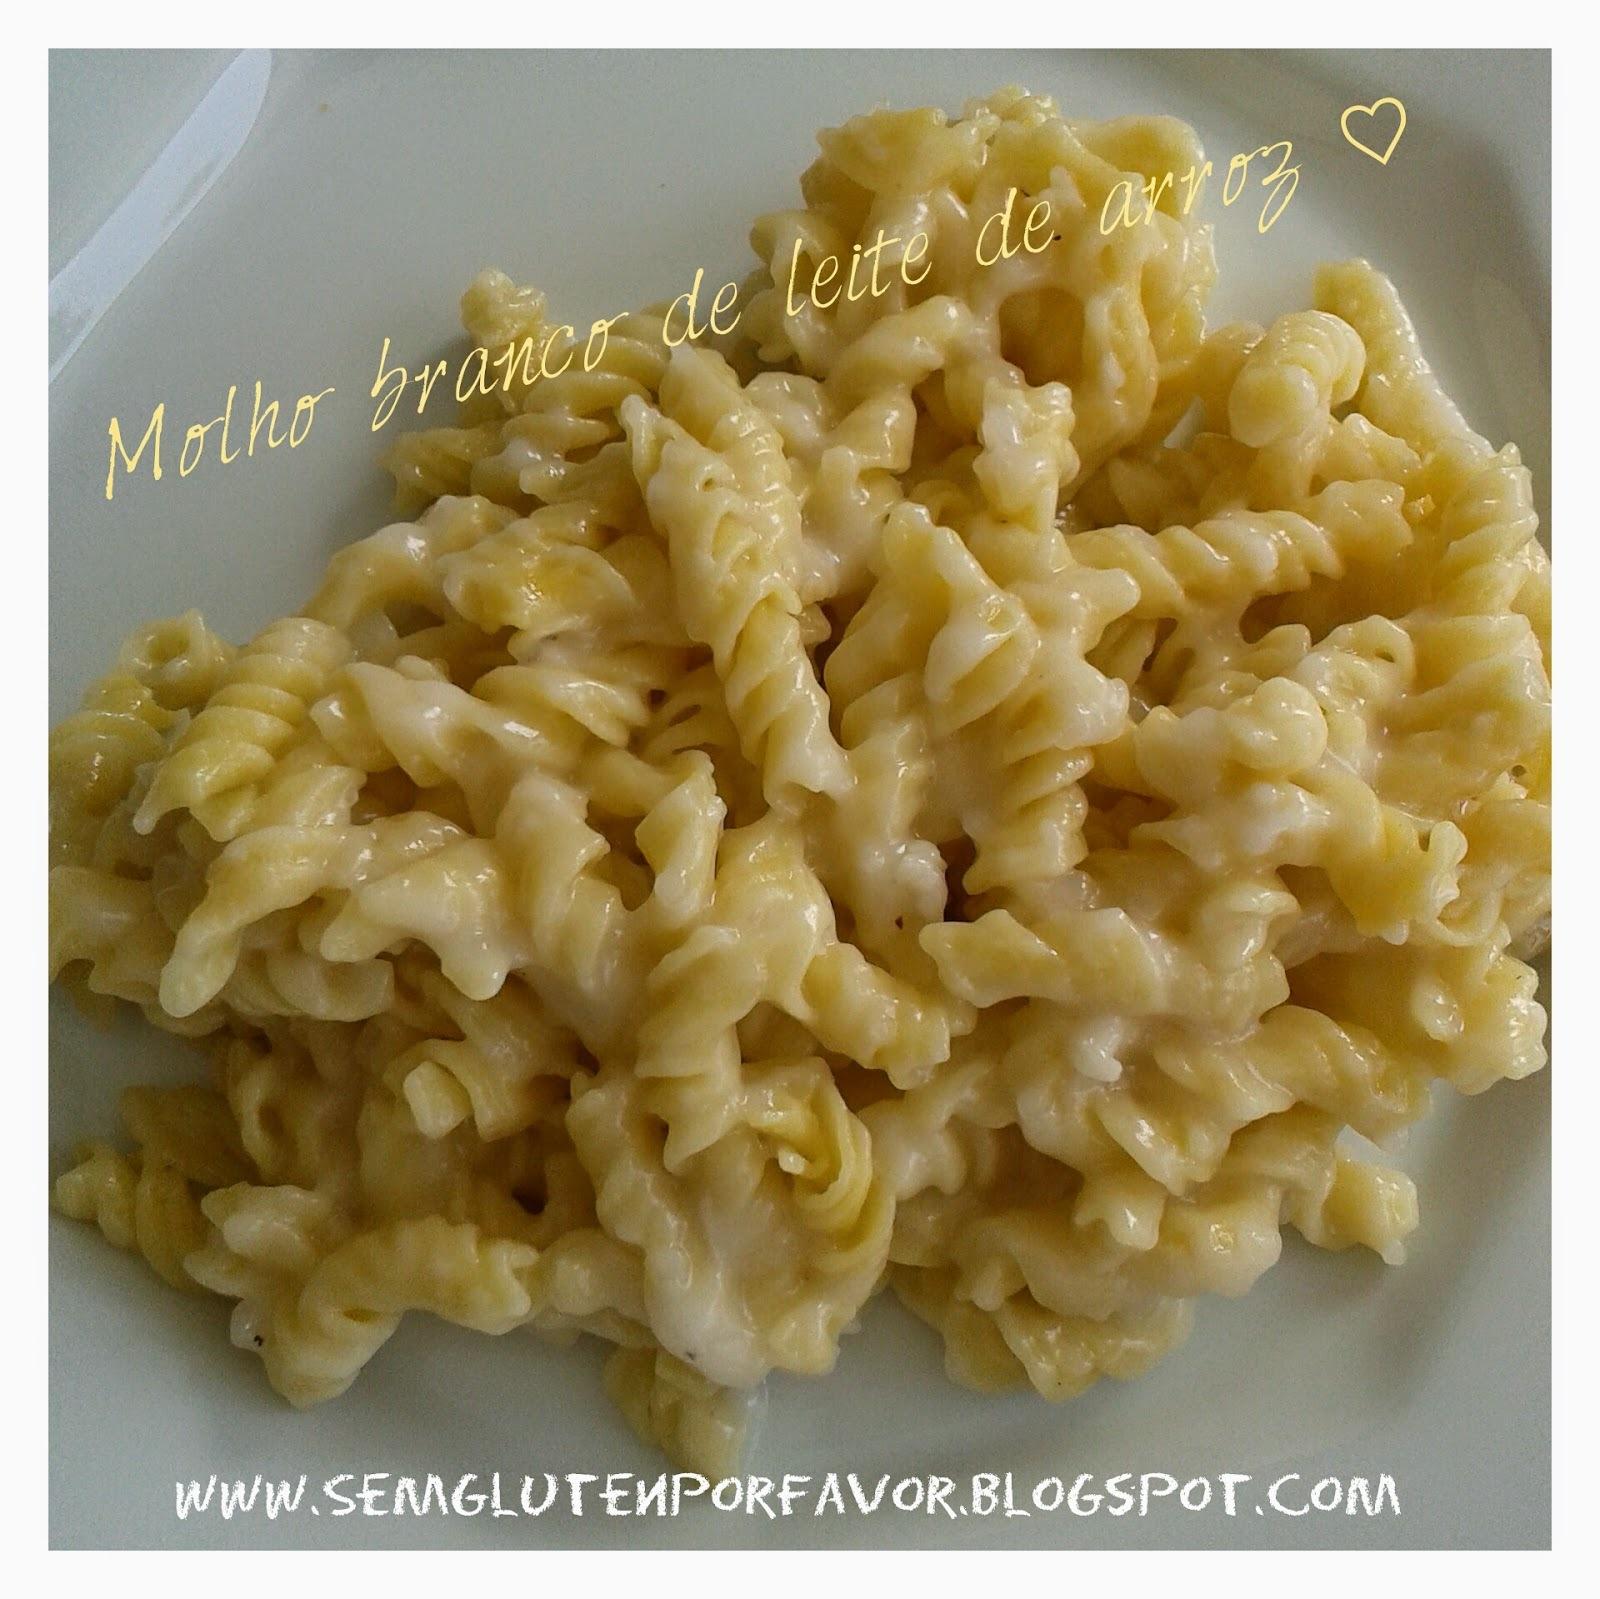 Receita de hoje: molho branco de leite de arroz